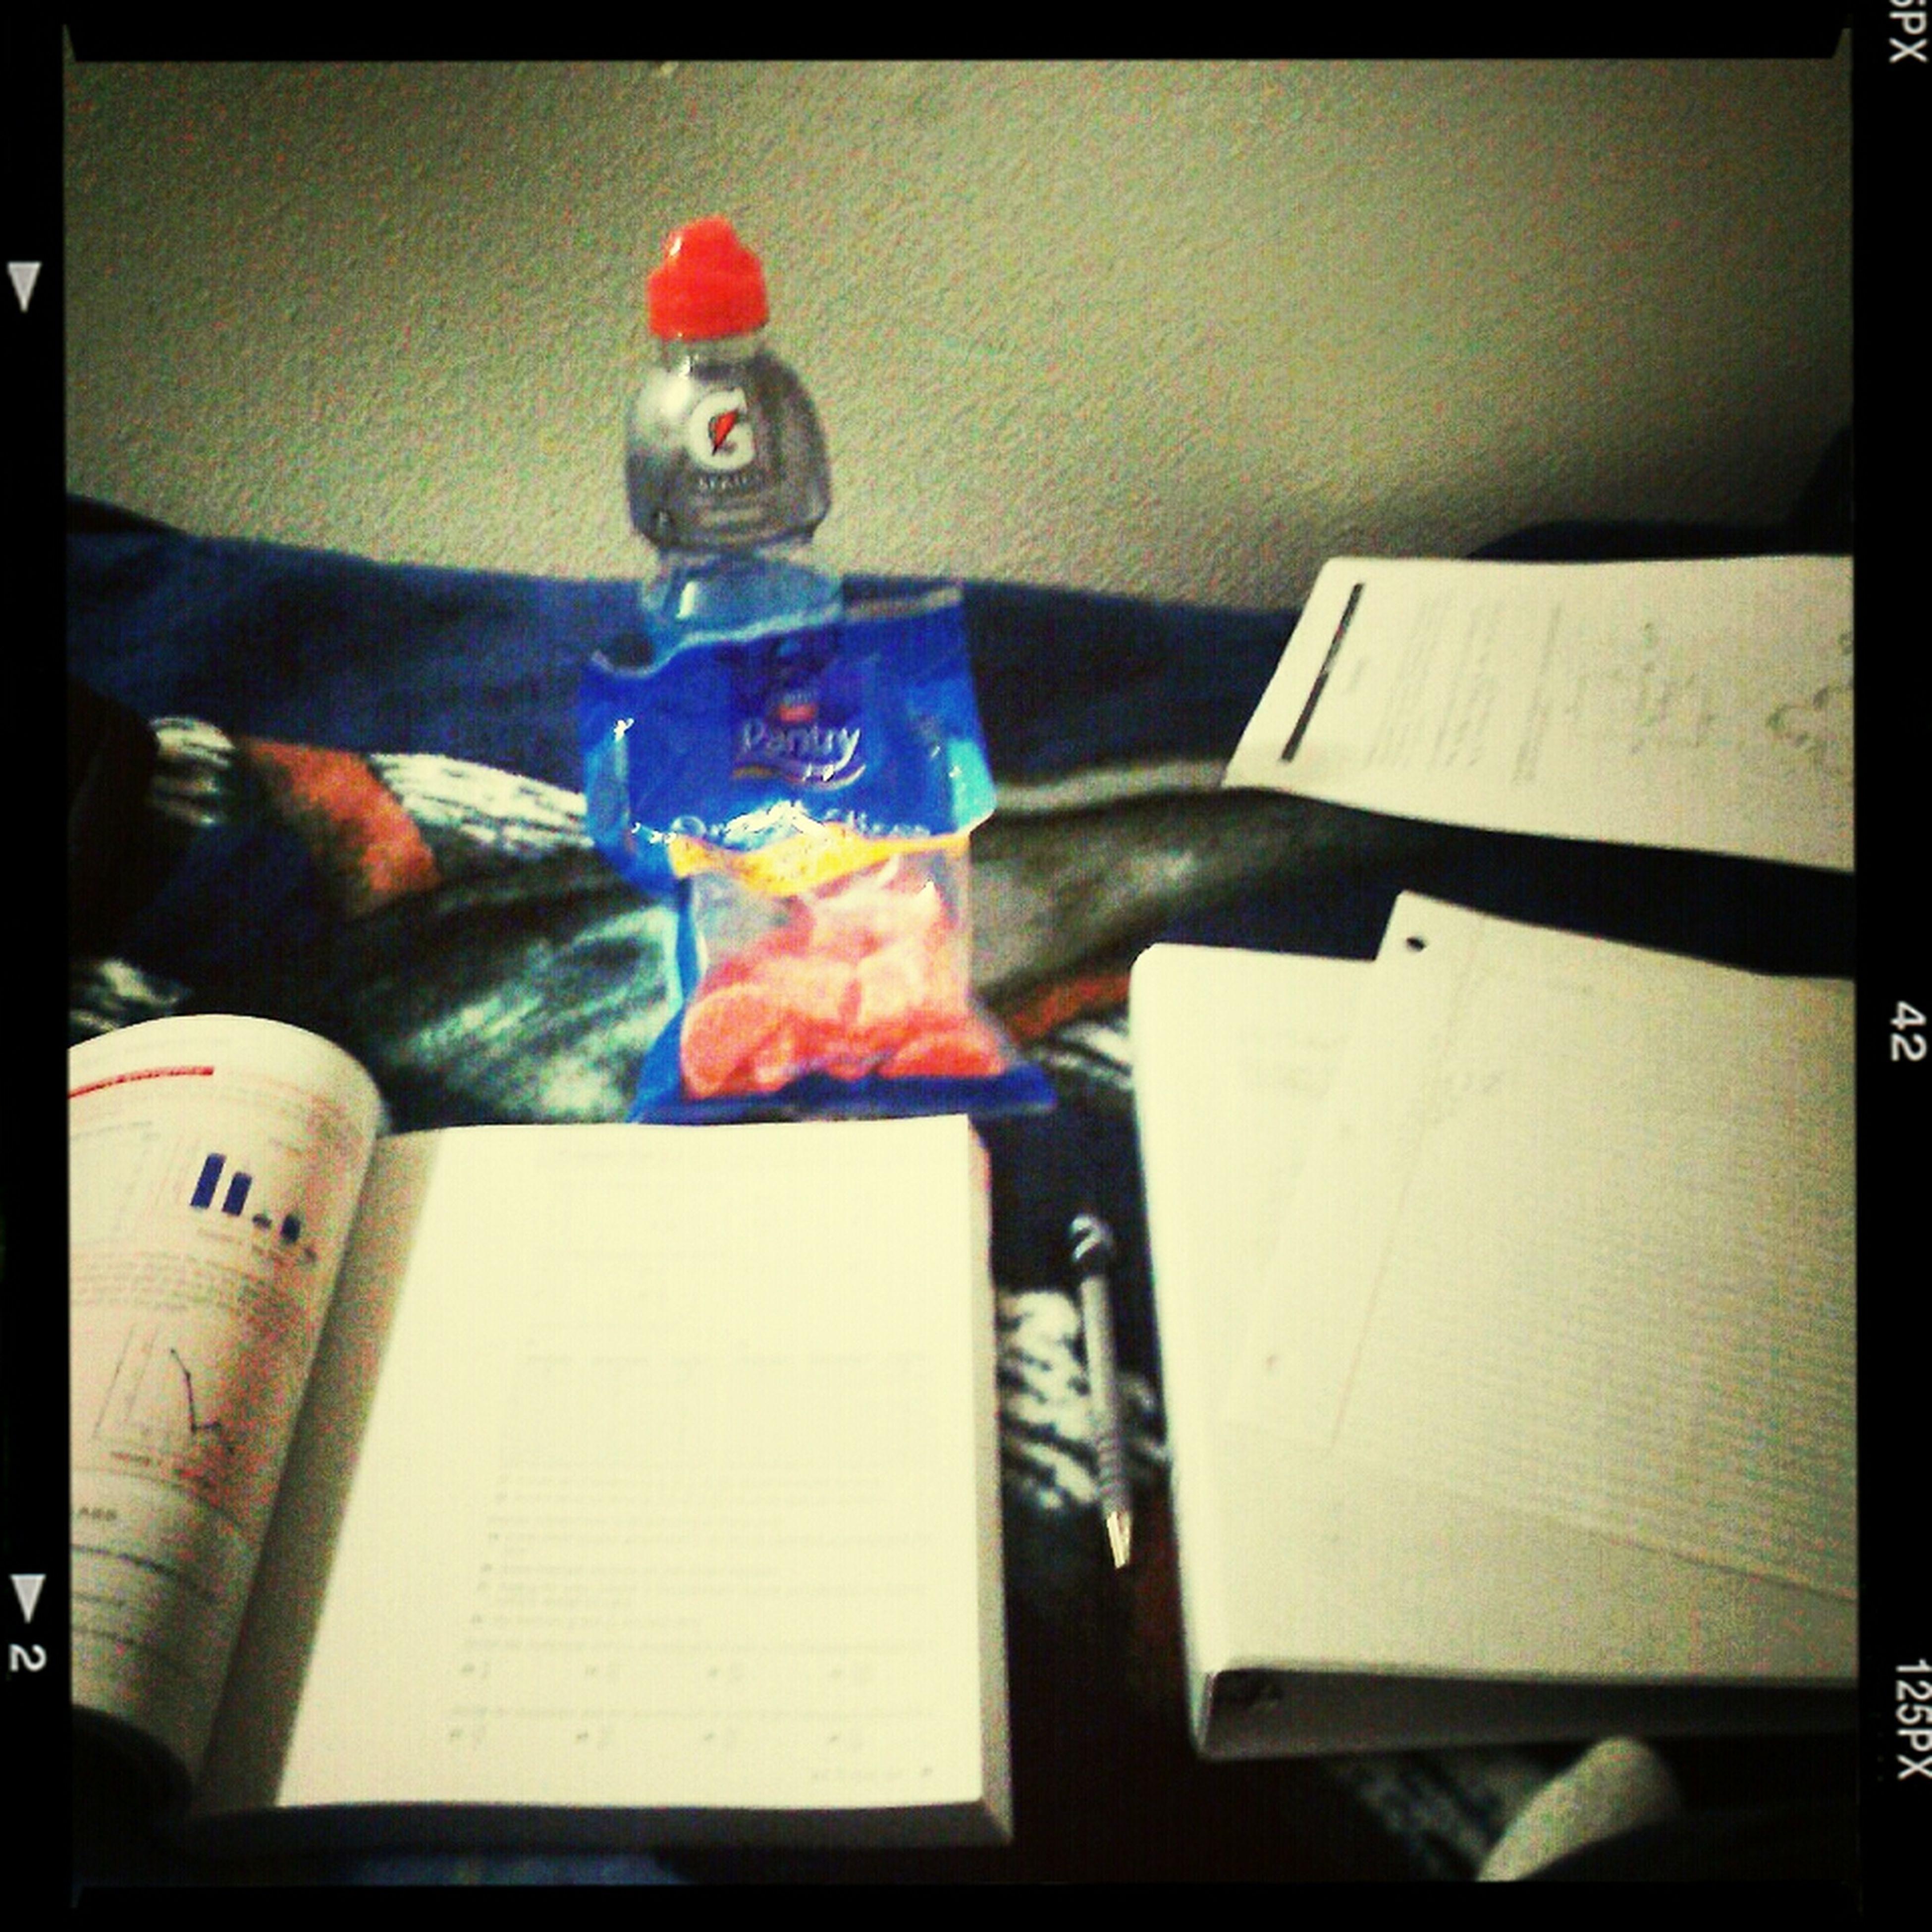 Late Night Study Sesh